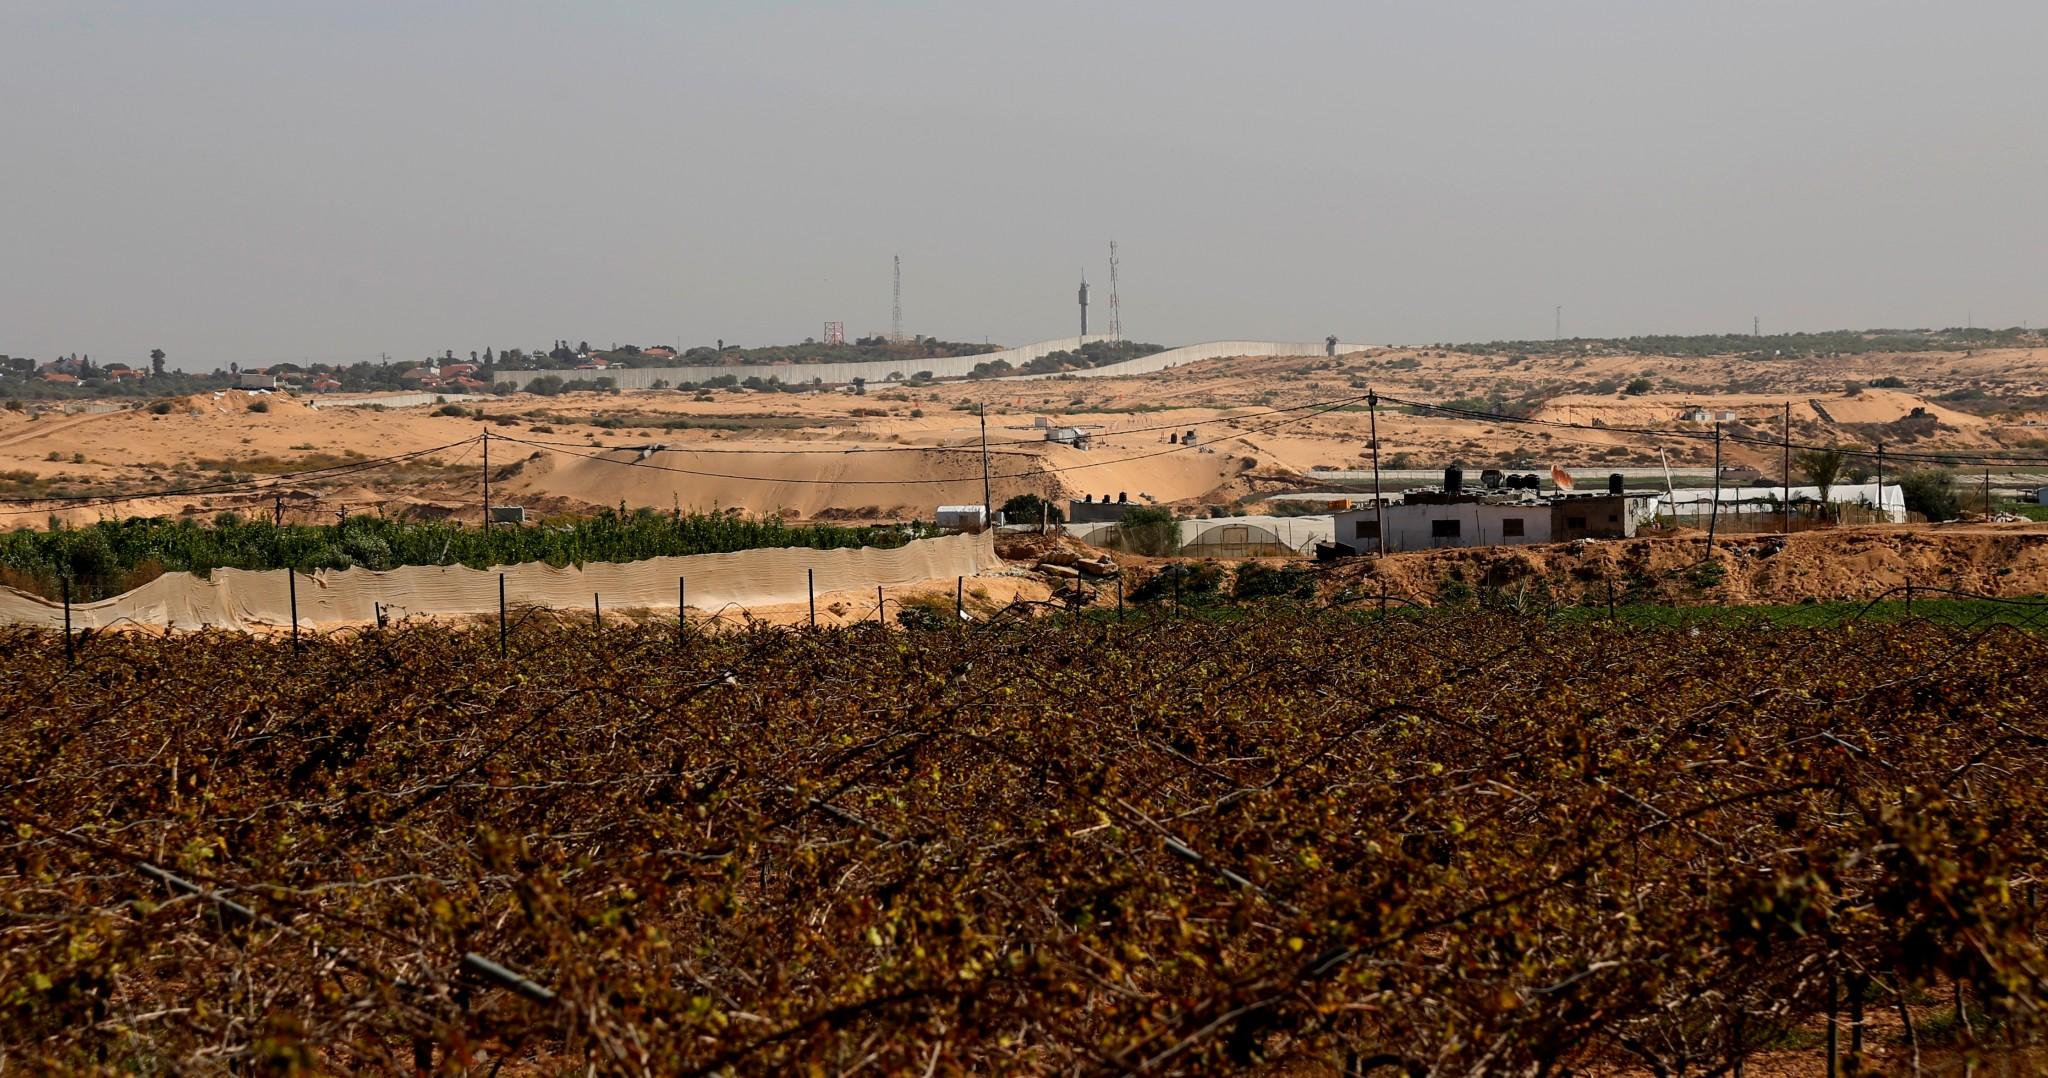 """مزروعات في المنطقة العازلة، مشهد الجدار من داخل القطاع. تشرين ثاني 2016. تصوير: """"ﭼيشاه – مسلك"""""""